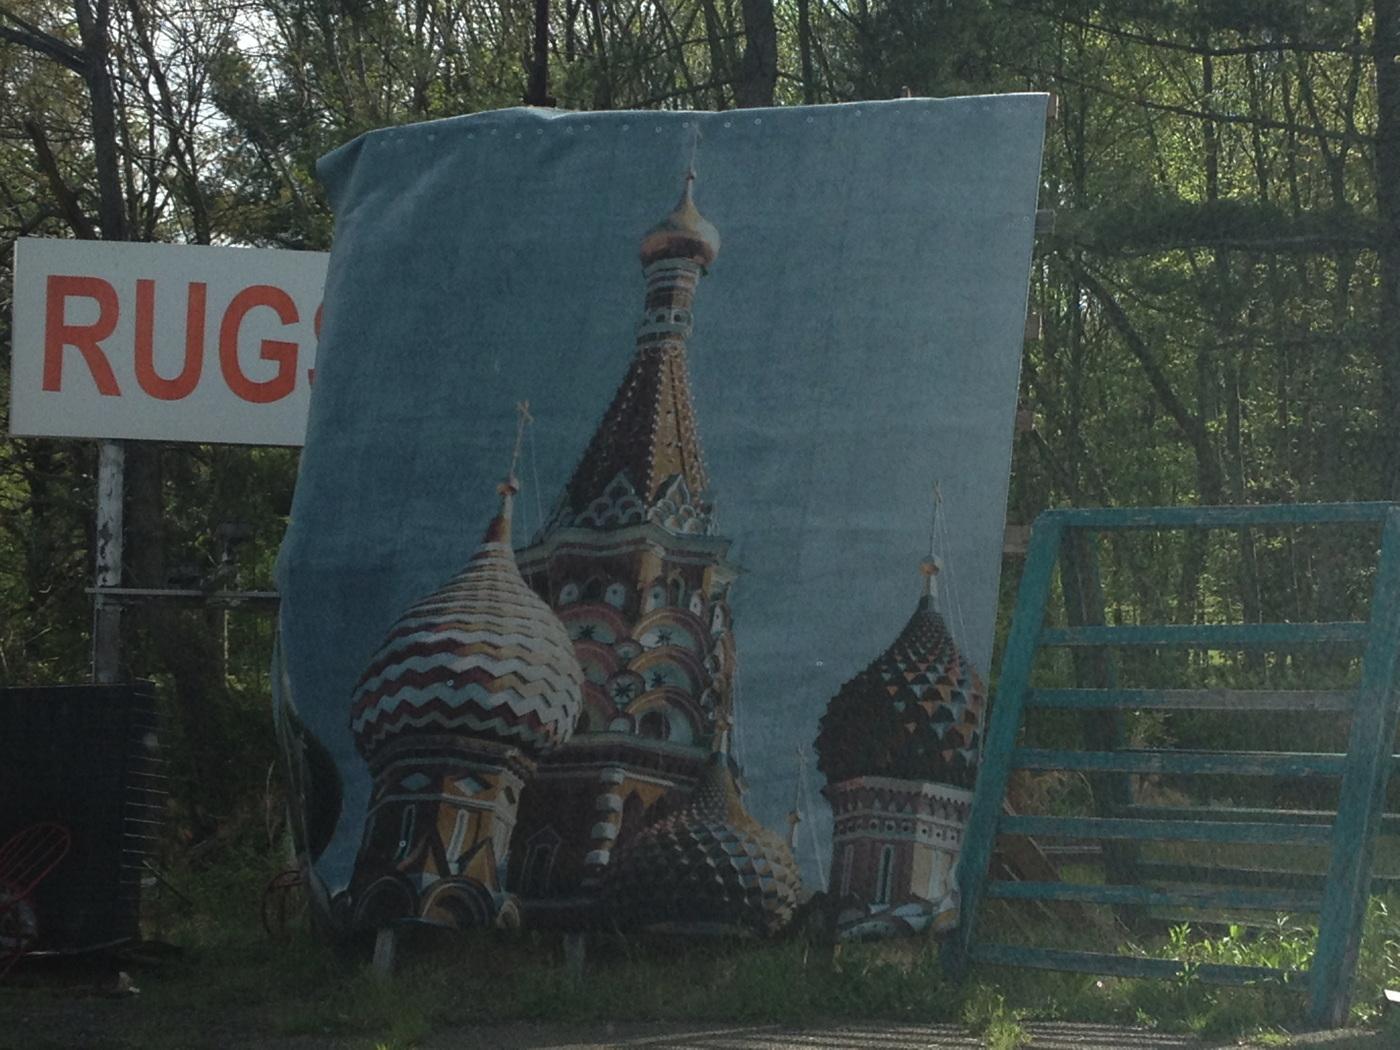 gregorg_see_russia_01.jpg